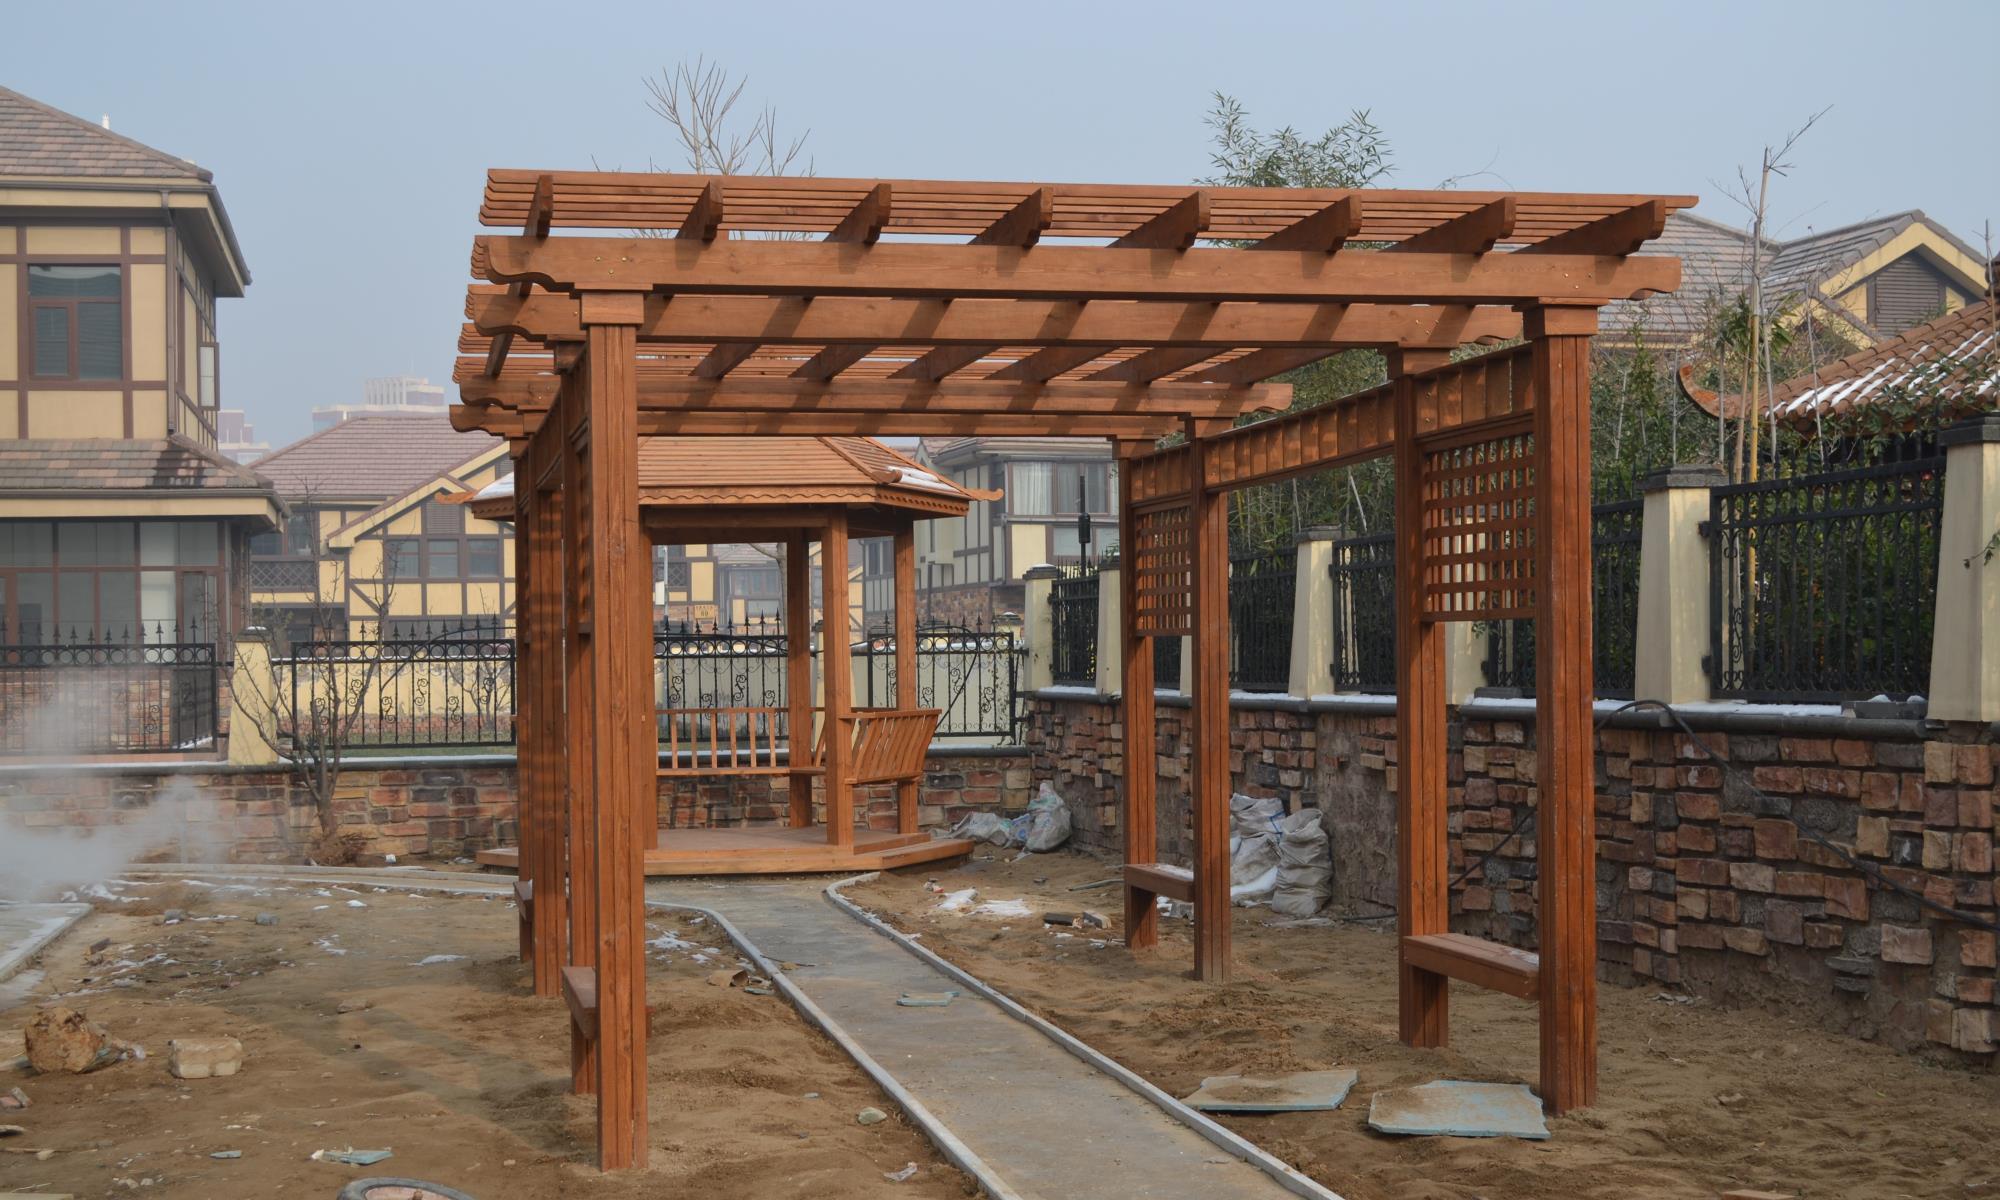 妙哉,用欧式防腐木葡萄架、装扮新中式别墅庭院!